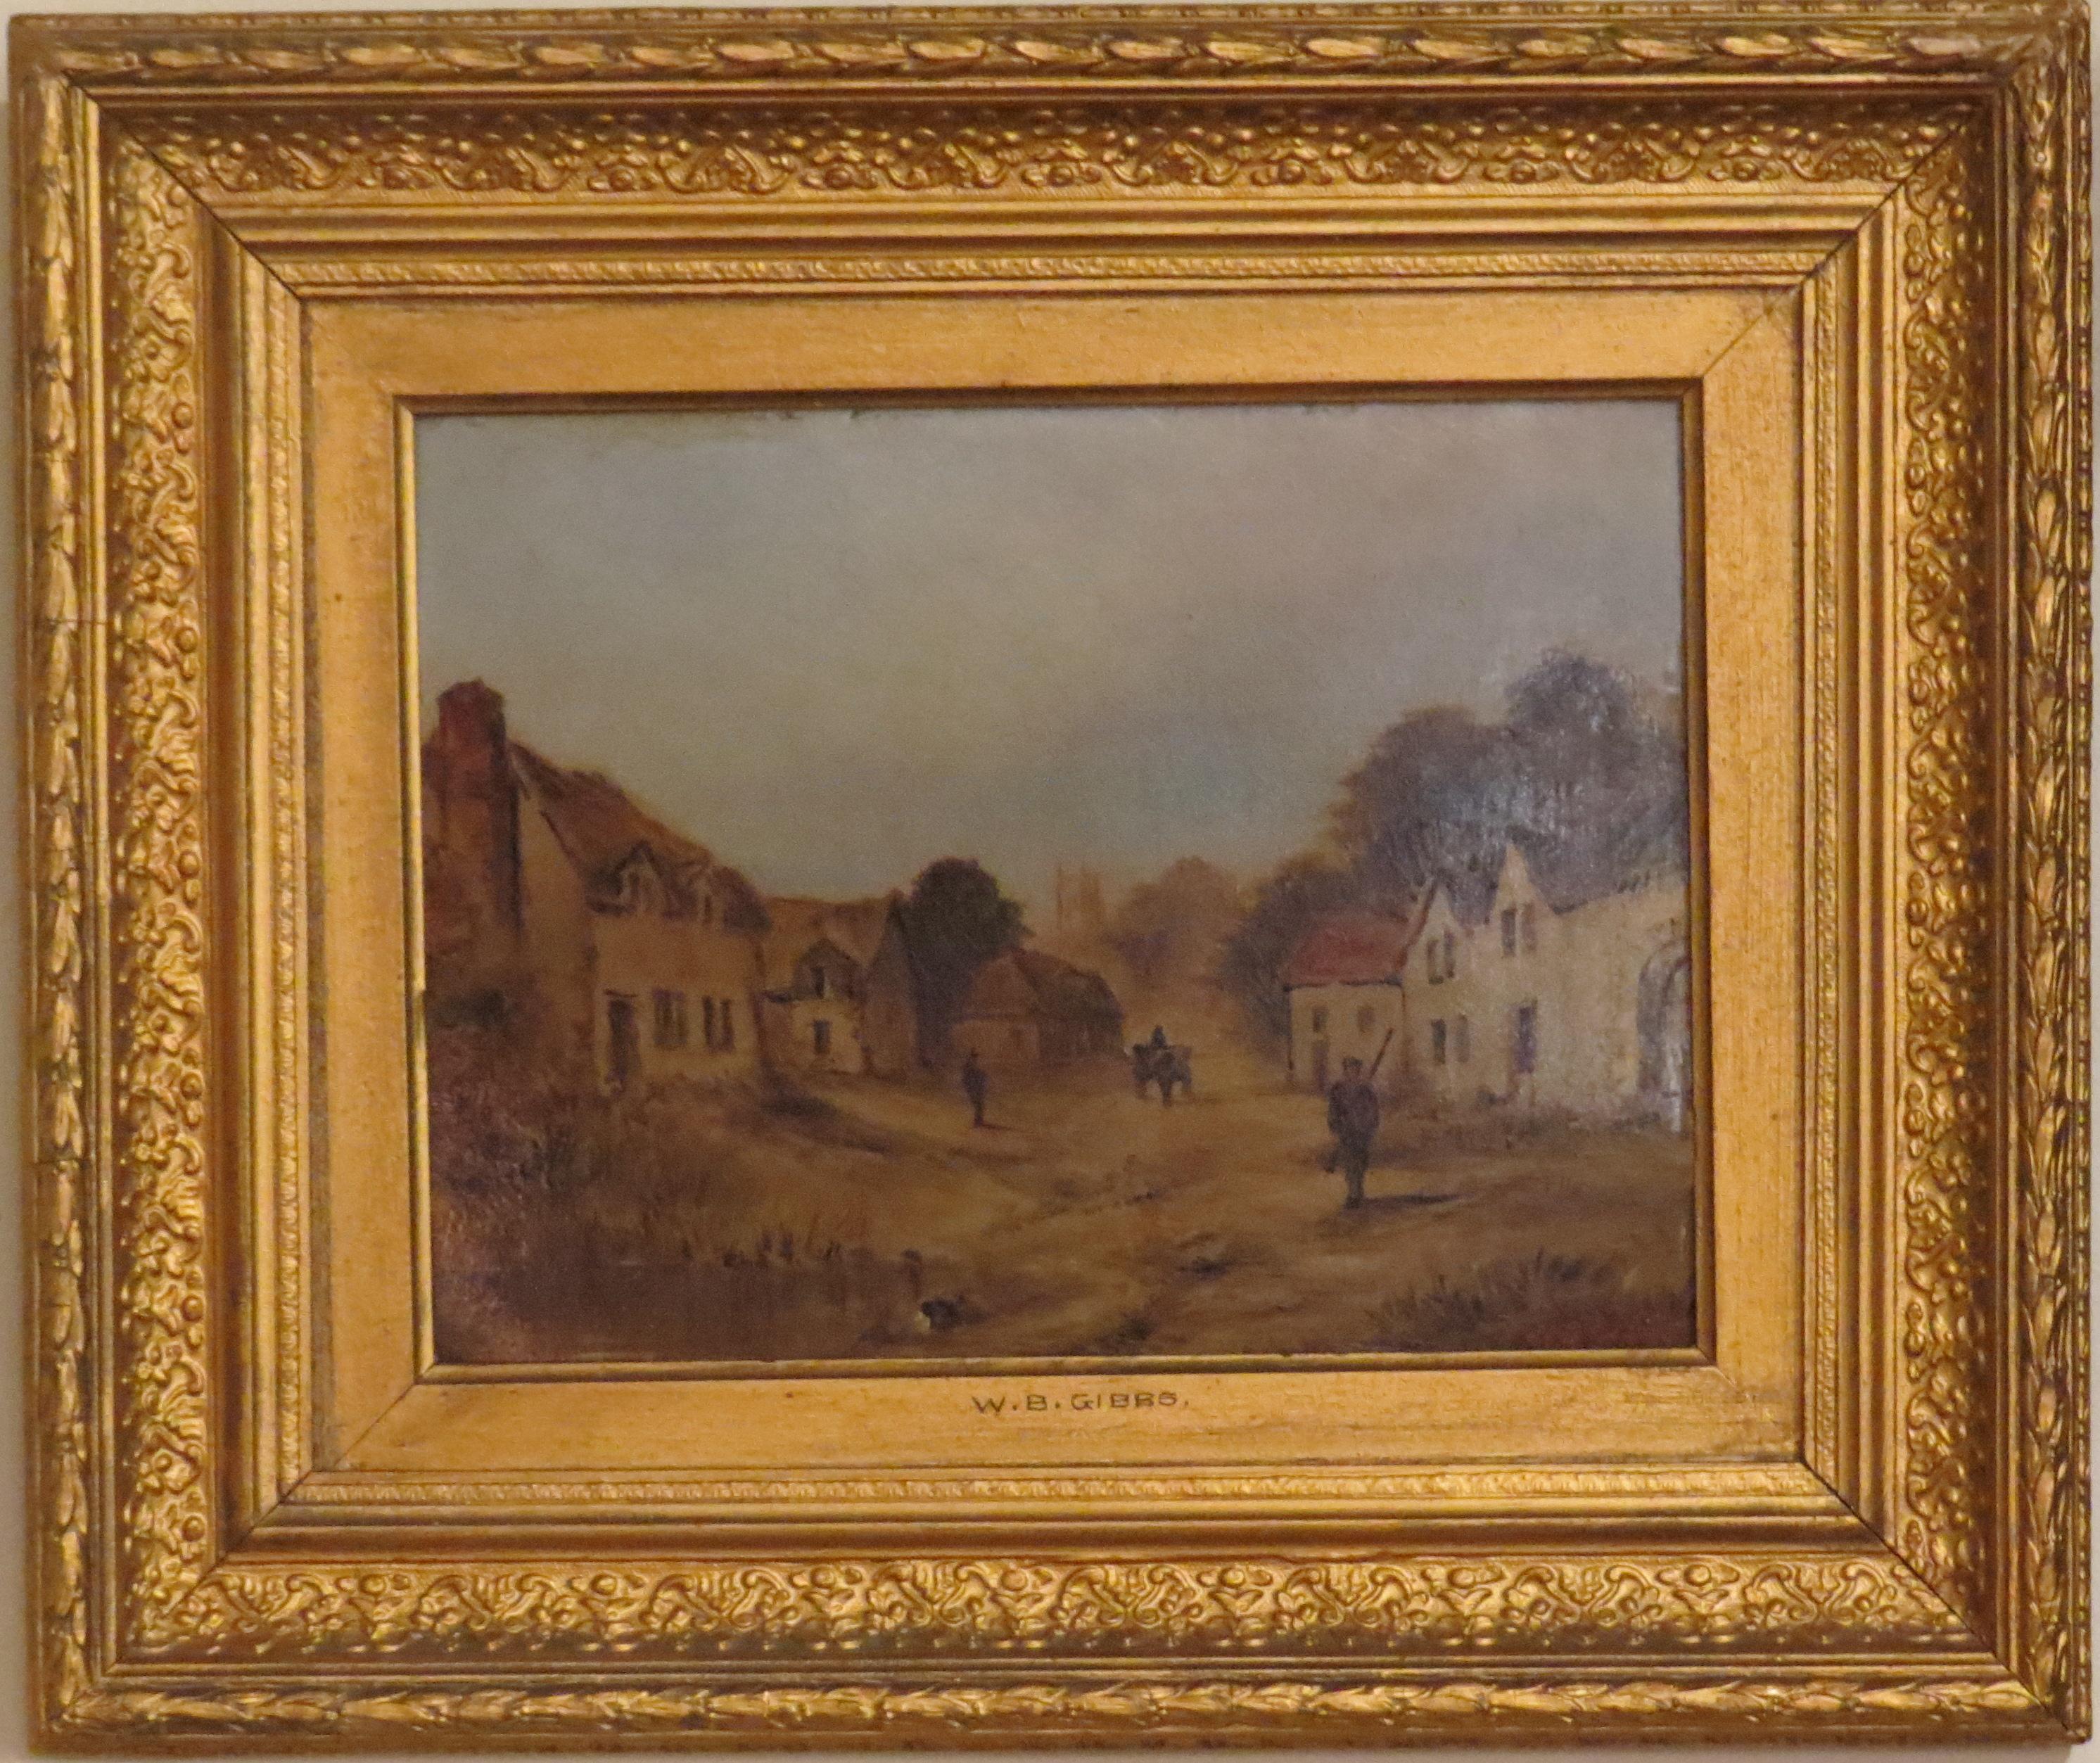 Oil on Board of a European Village Scene, Signed W.B. Gibbs